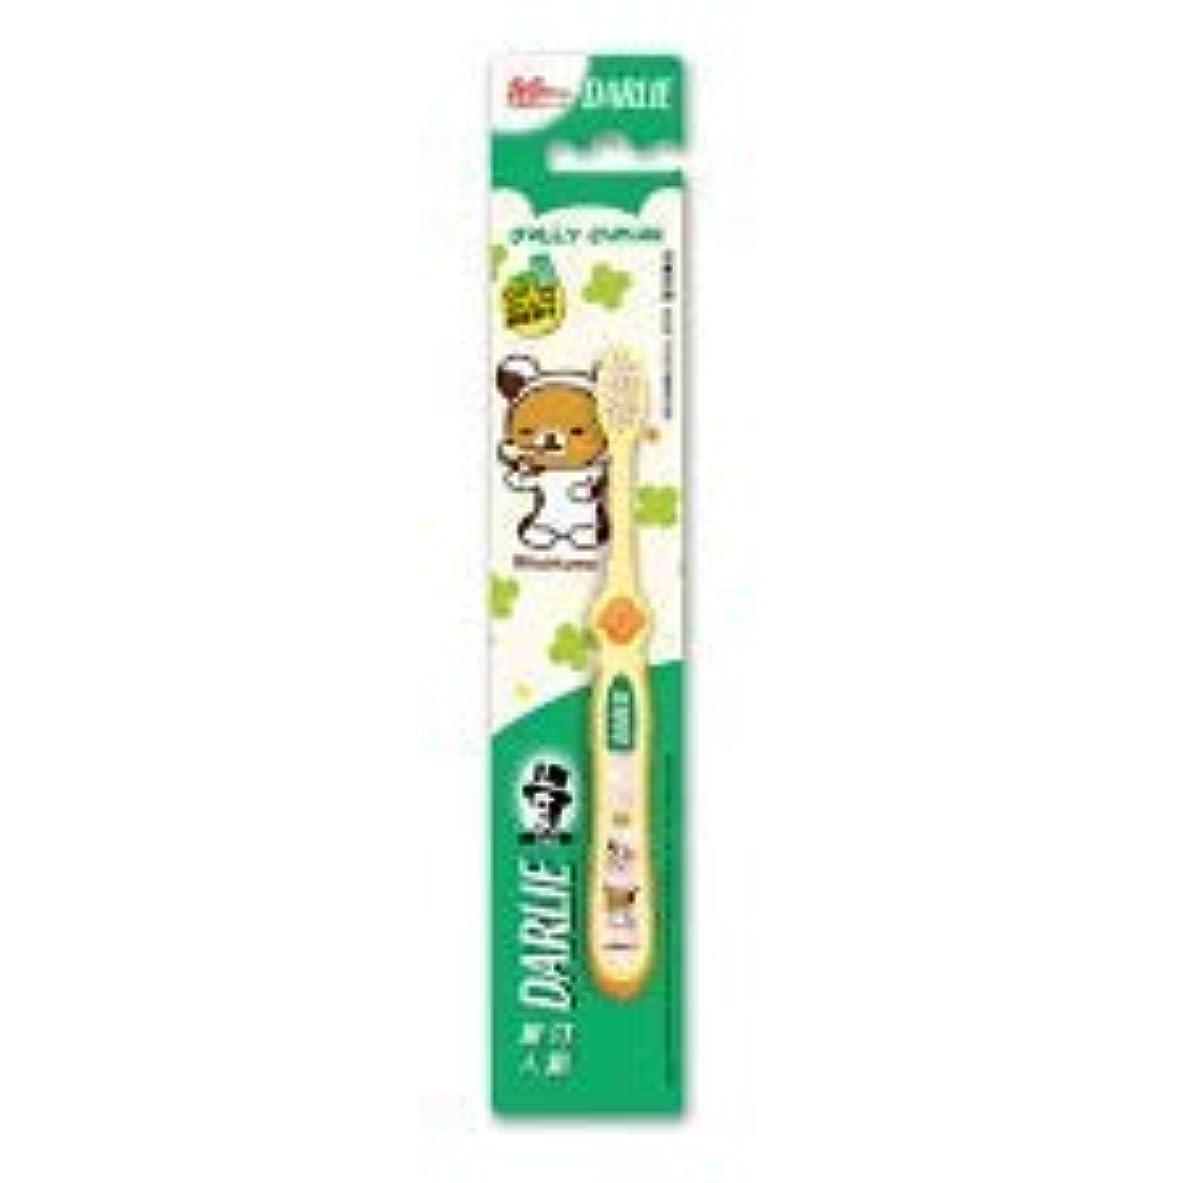 教会どこにでもスポーツマンDARLIE メリージュニア2-6歳歯ブラシ - ジェントル歯茎と歯のエナメル質は良好な洗浄を持っています